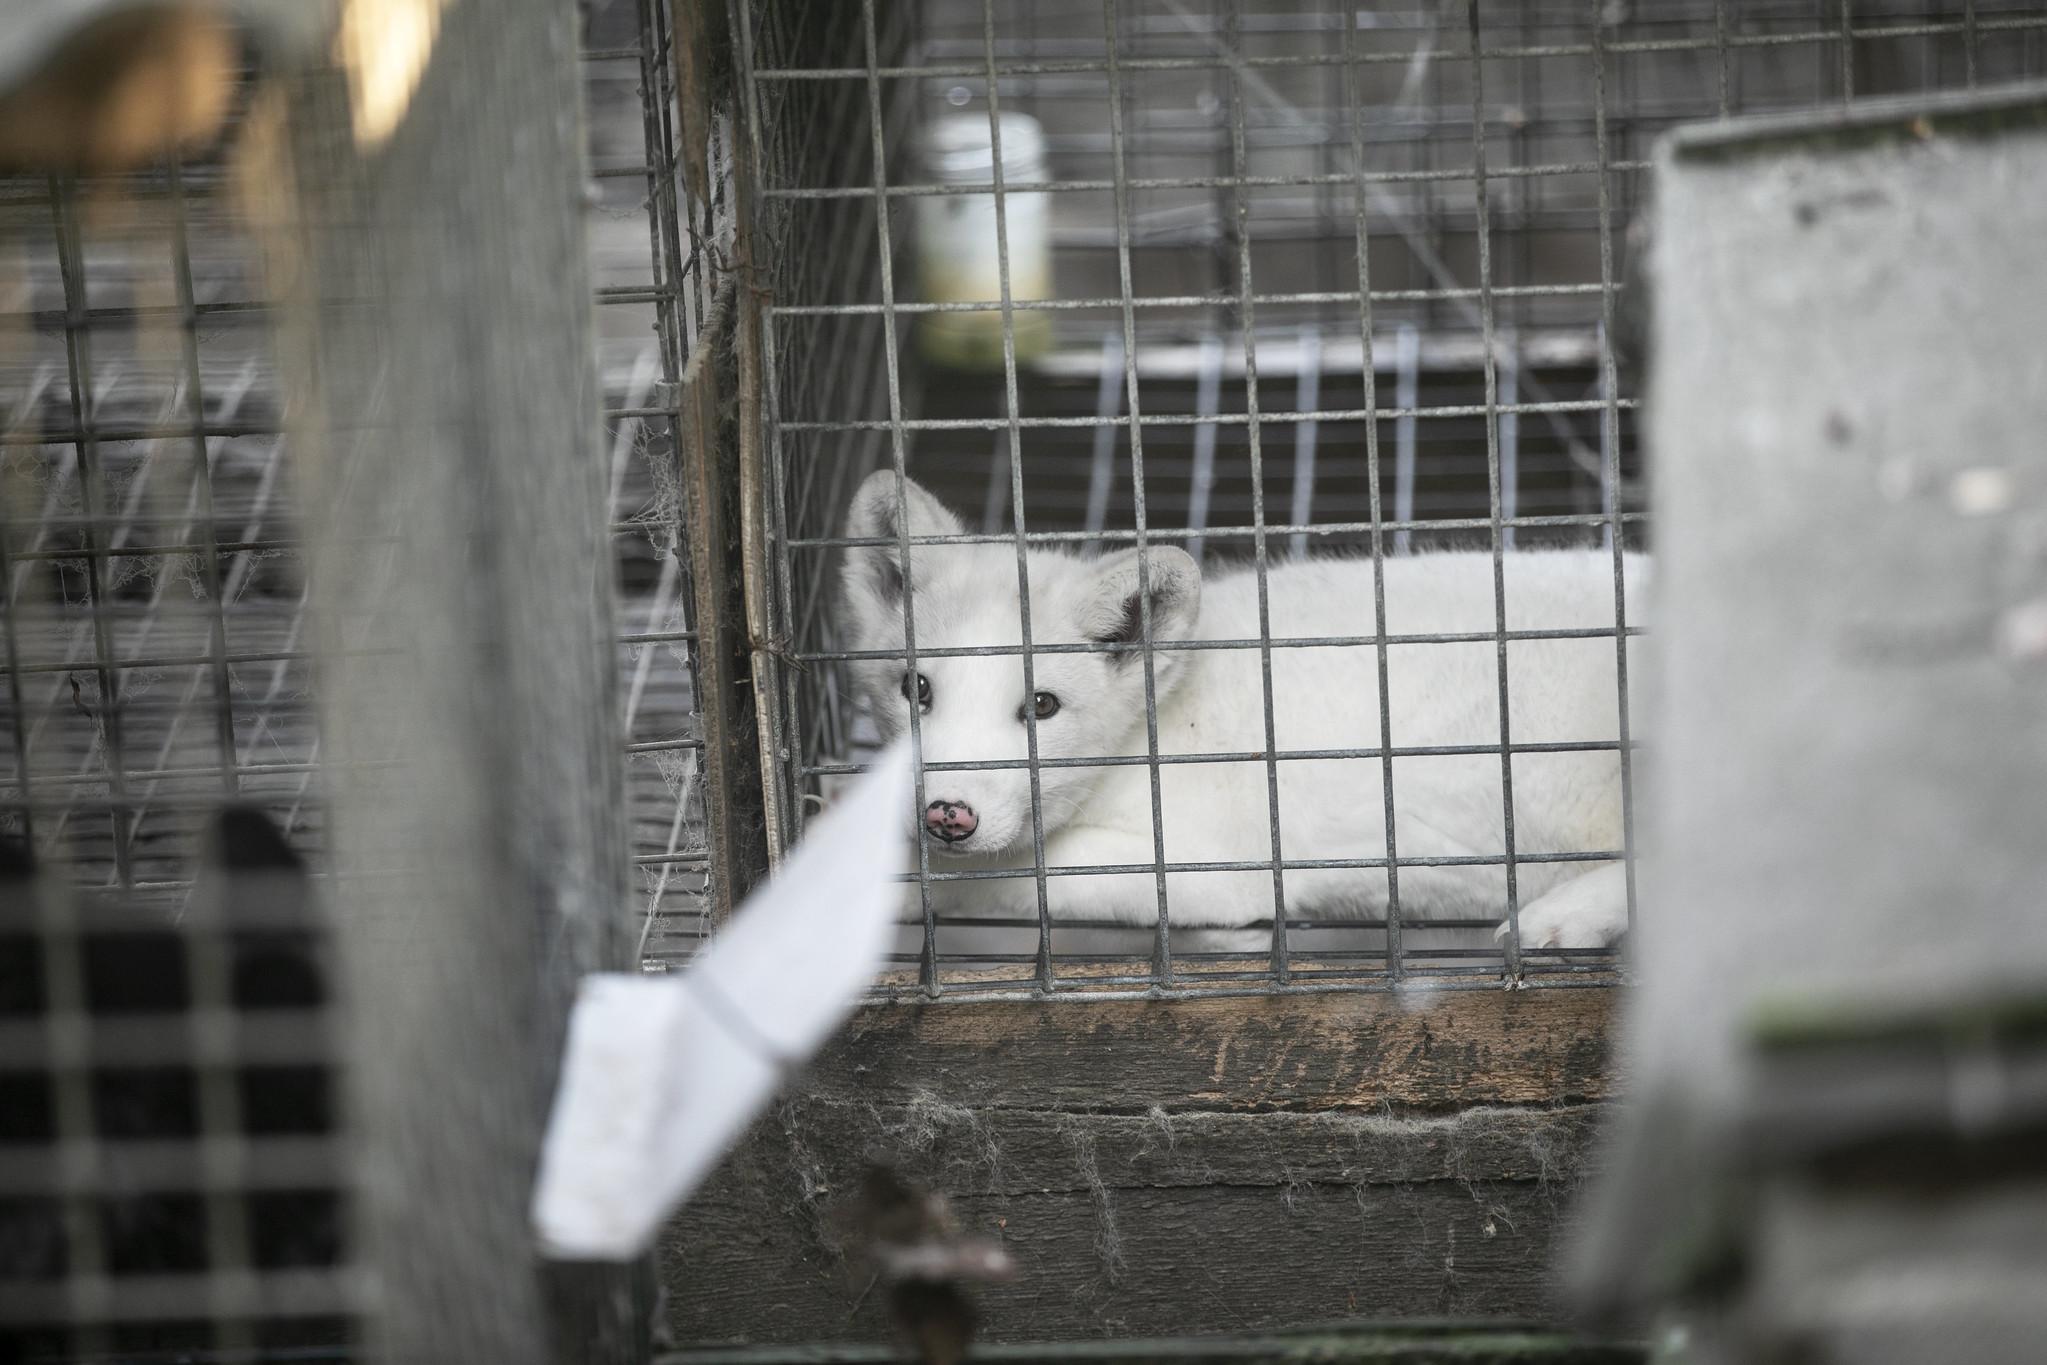 Maciek, lis polarny uratowany z fermy w Karskach